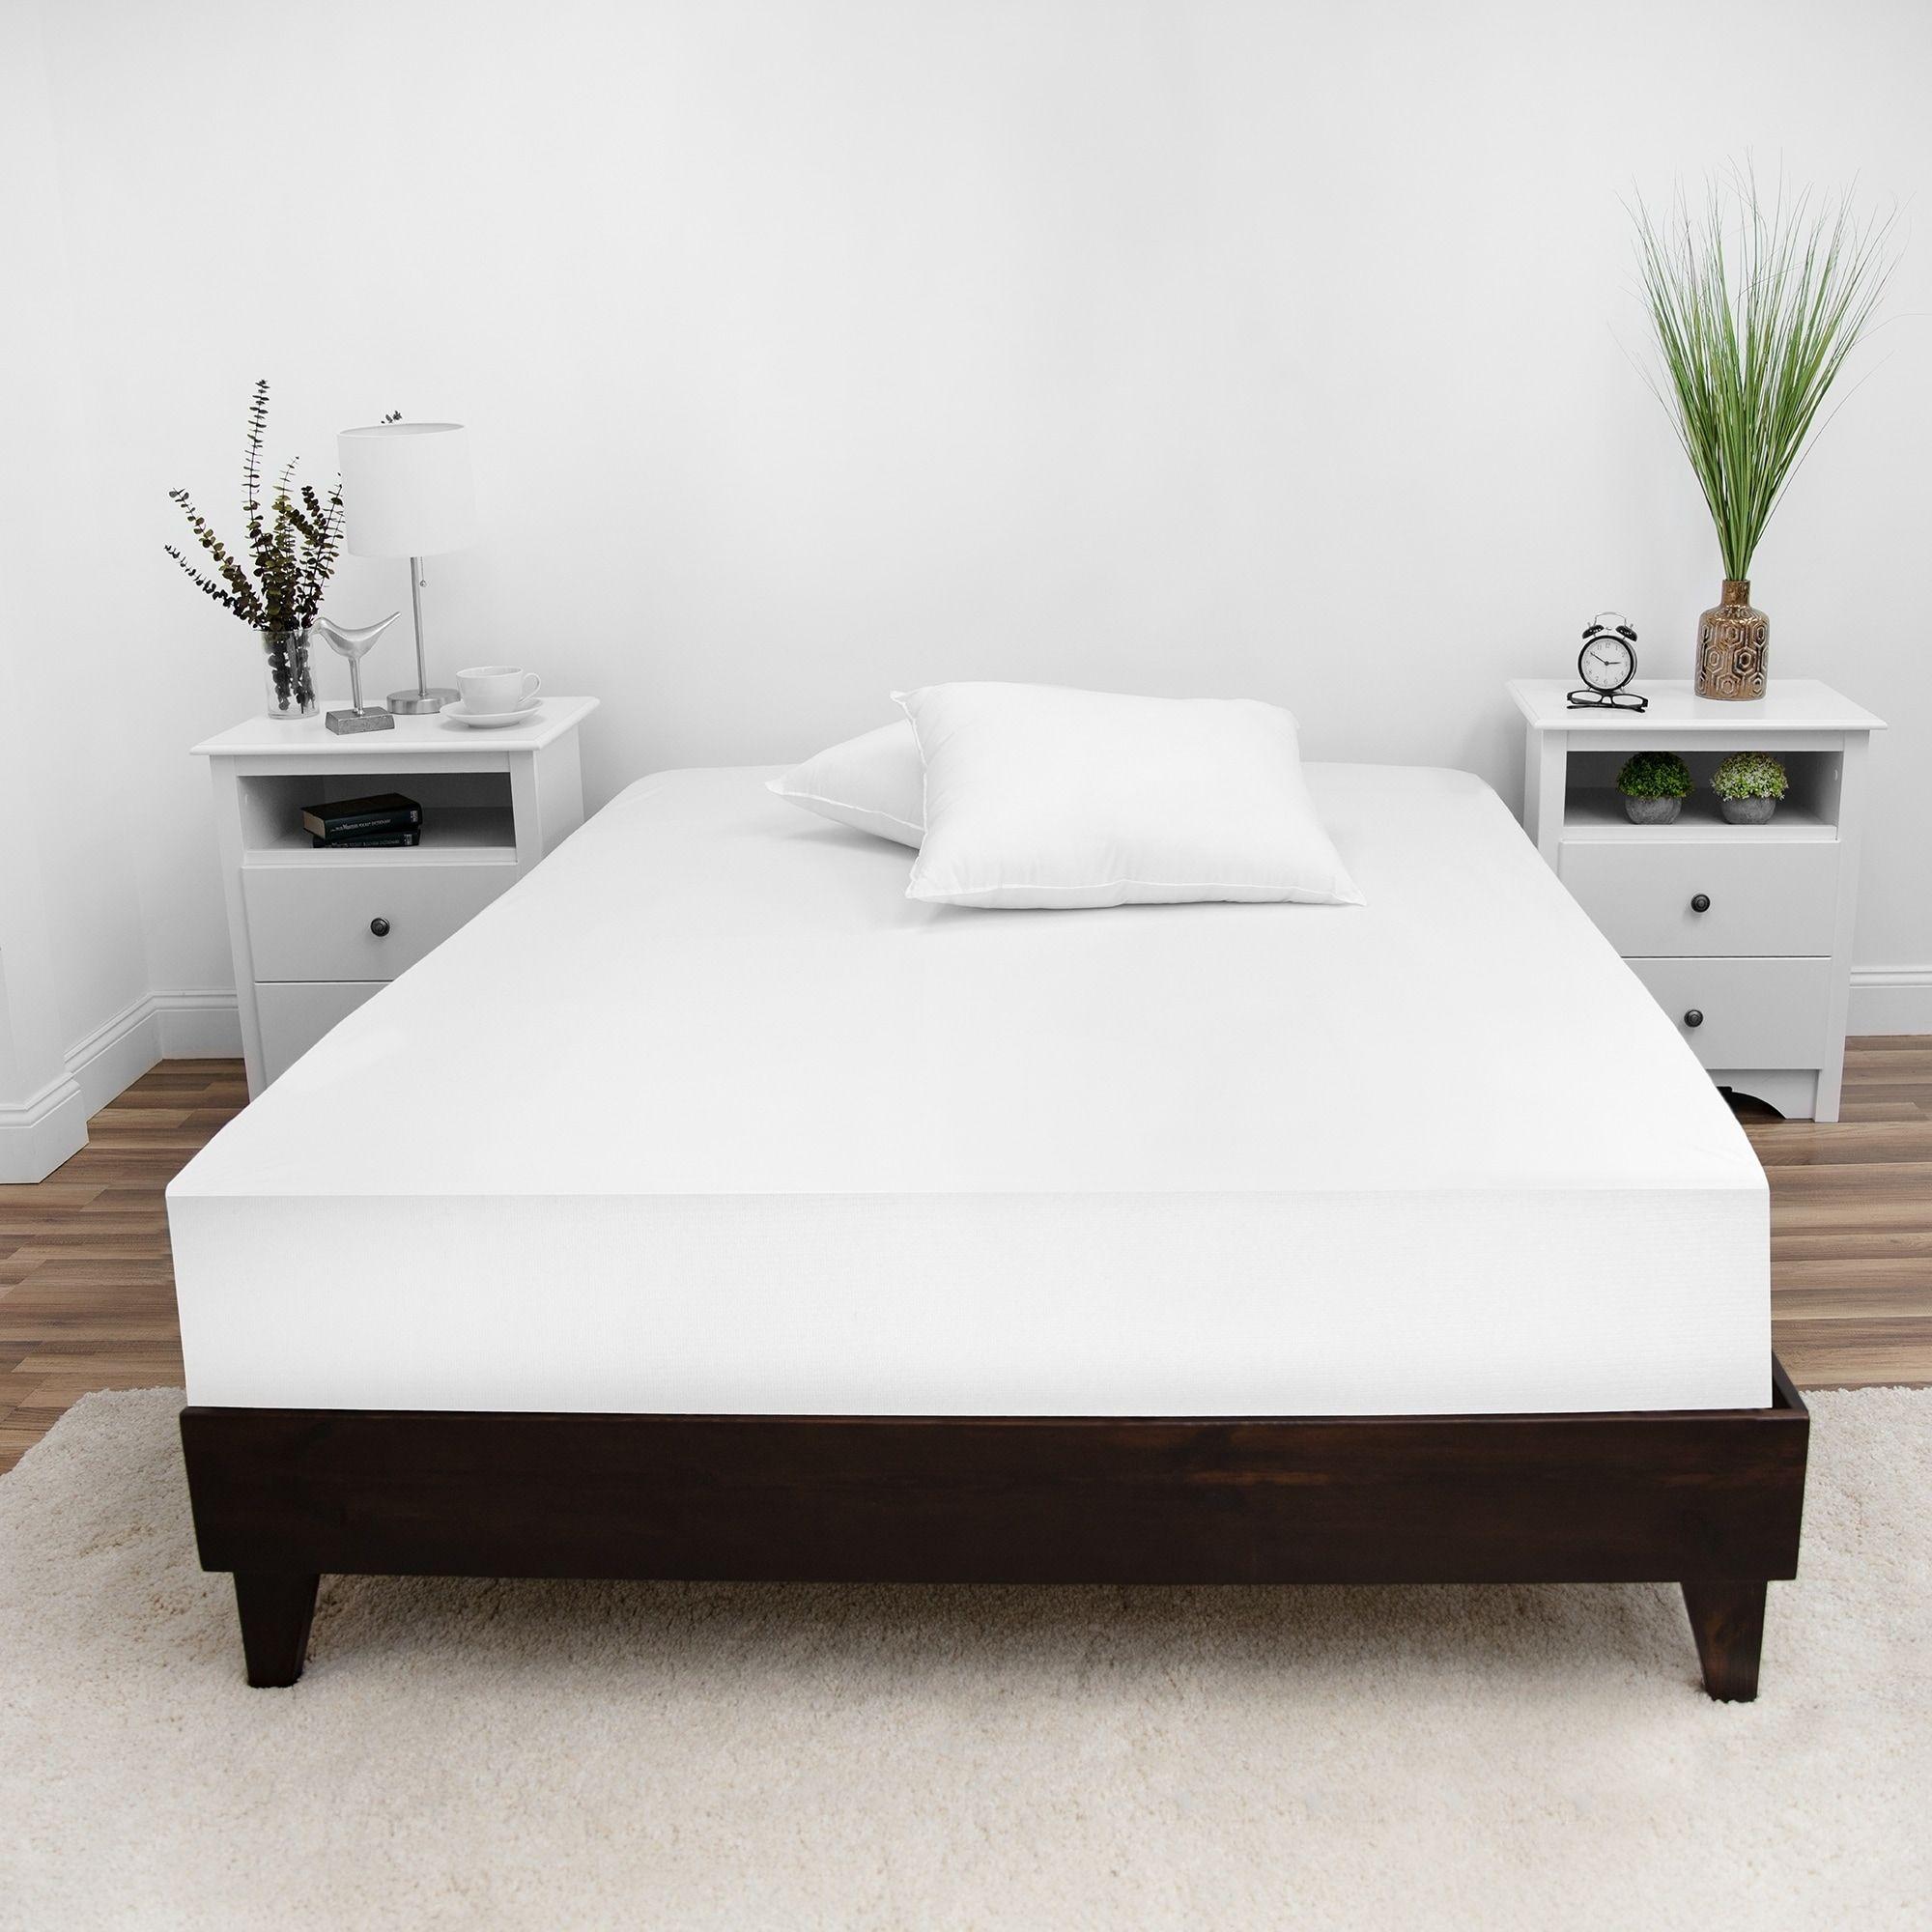 SwissLux Complete Mattress Encasement with Bed Bug